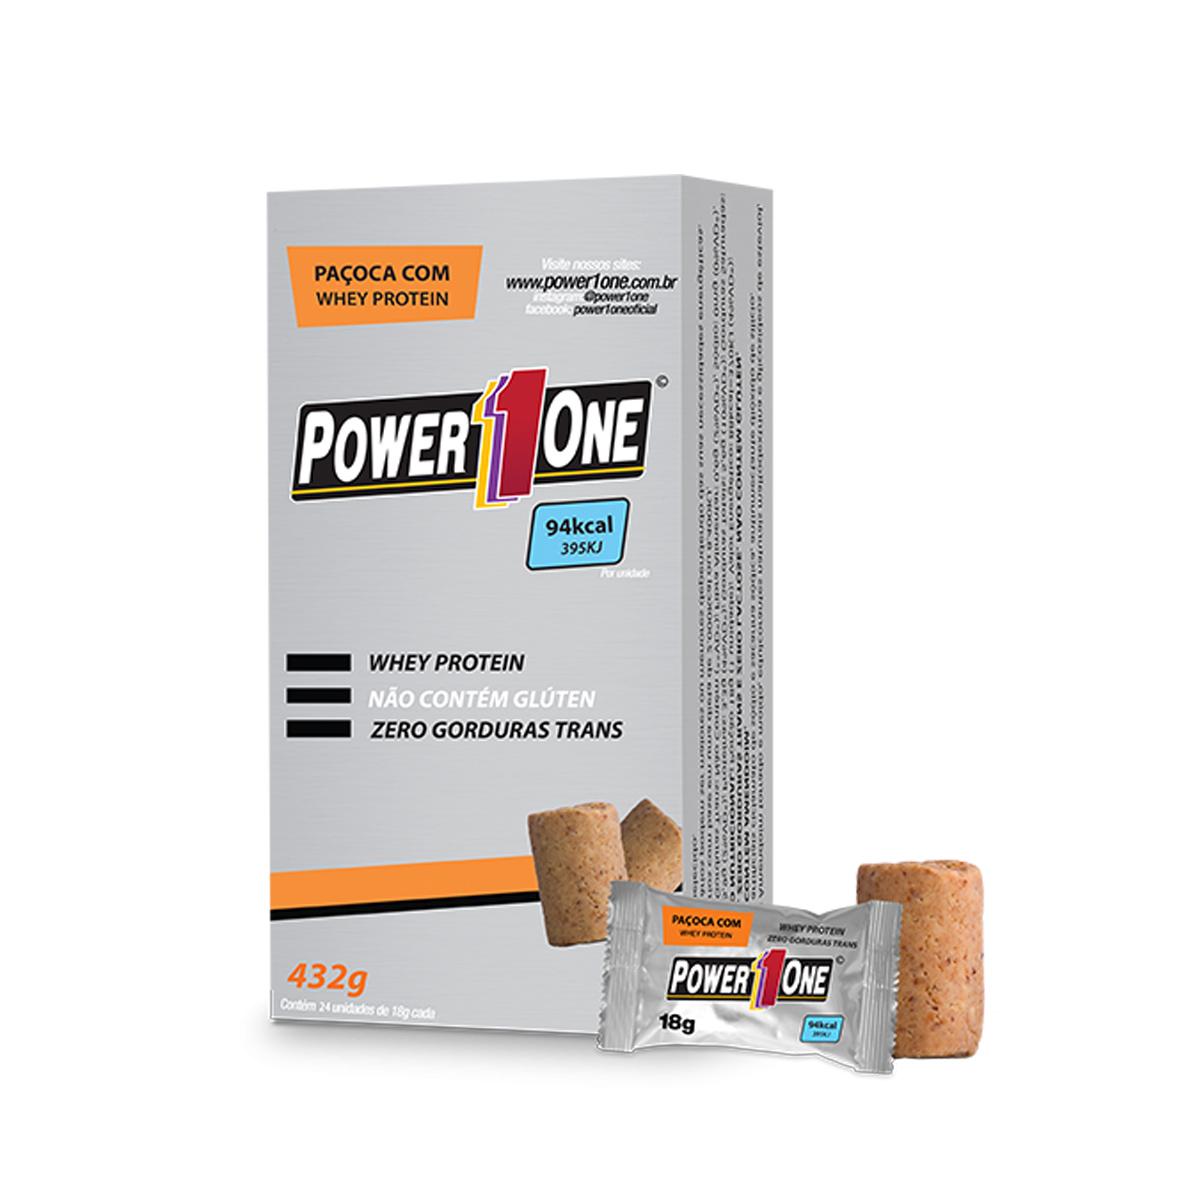 Paçoca Rolha com  Whey Protein 24un. de 18g - Power1One